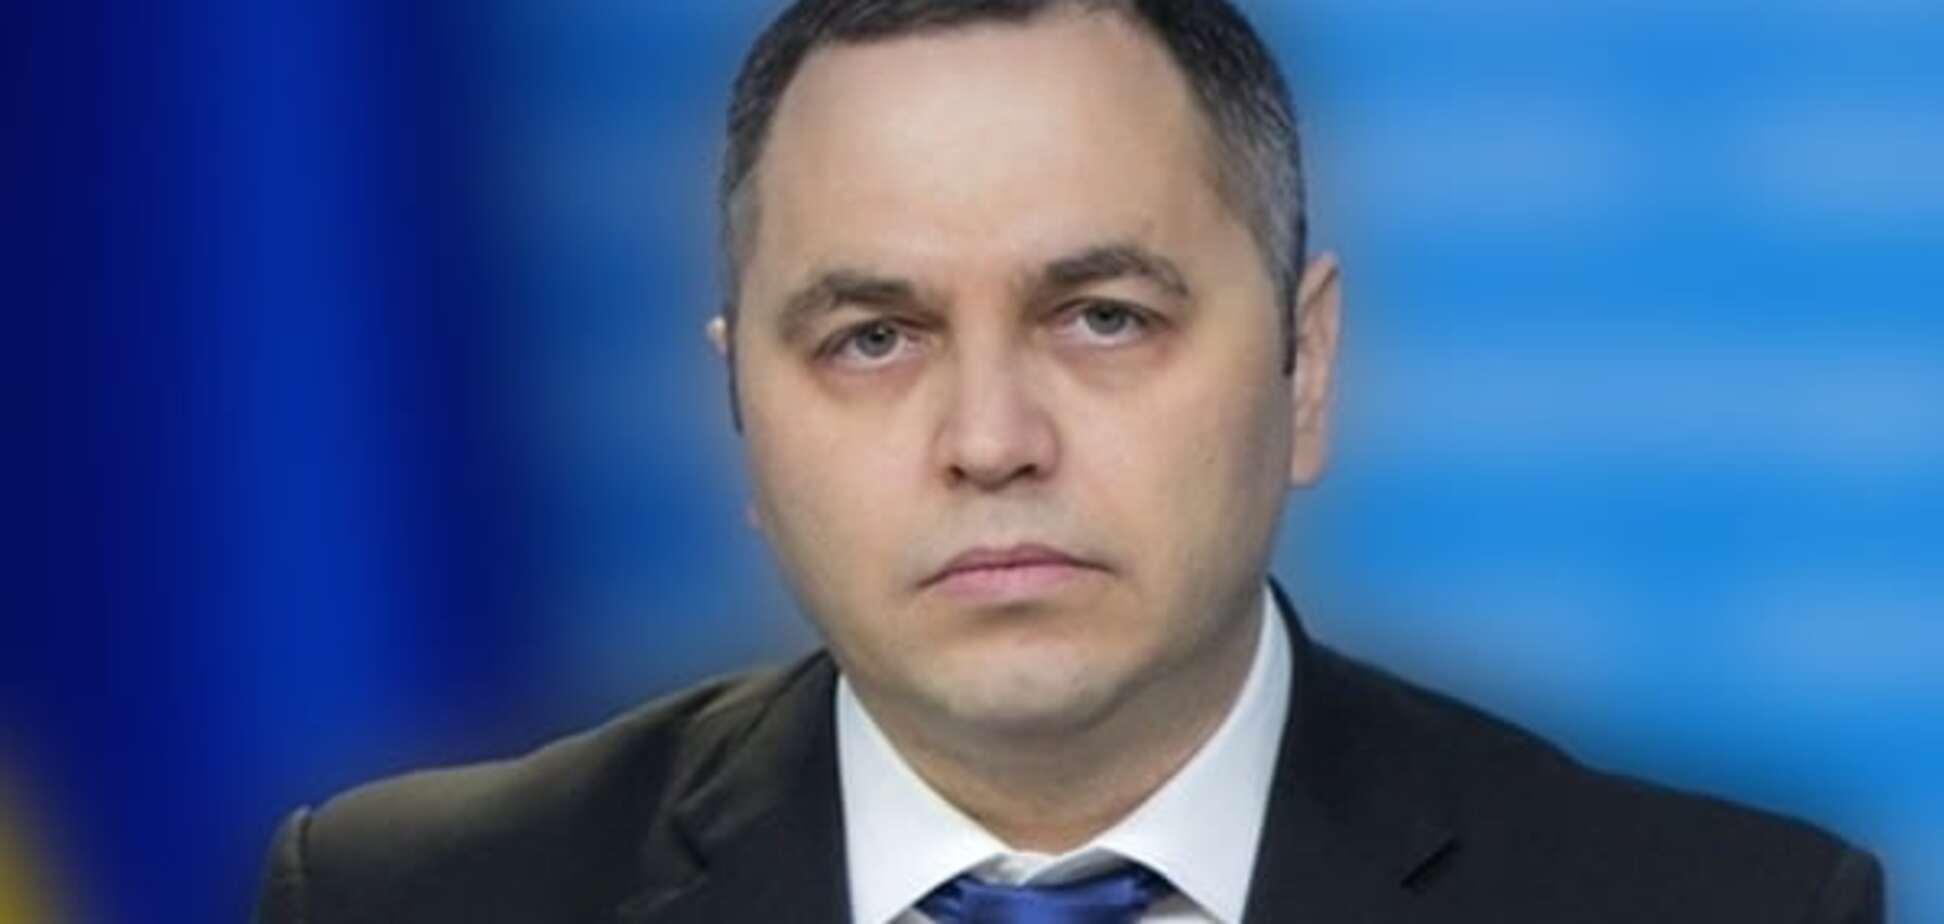 'Должен быть немедленно освобожден': Портнов заявил, что дело Ефремова окончательно развалилось